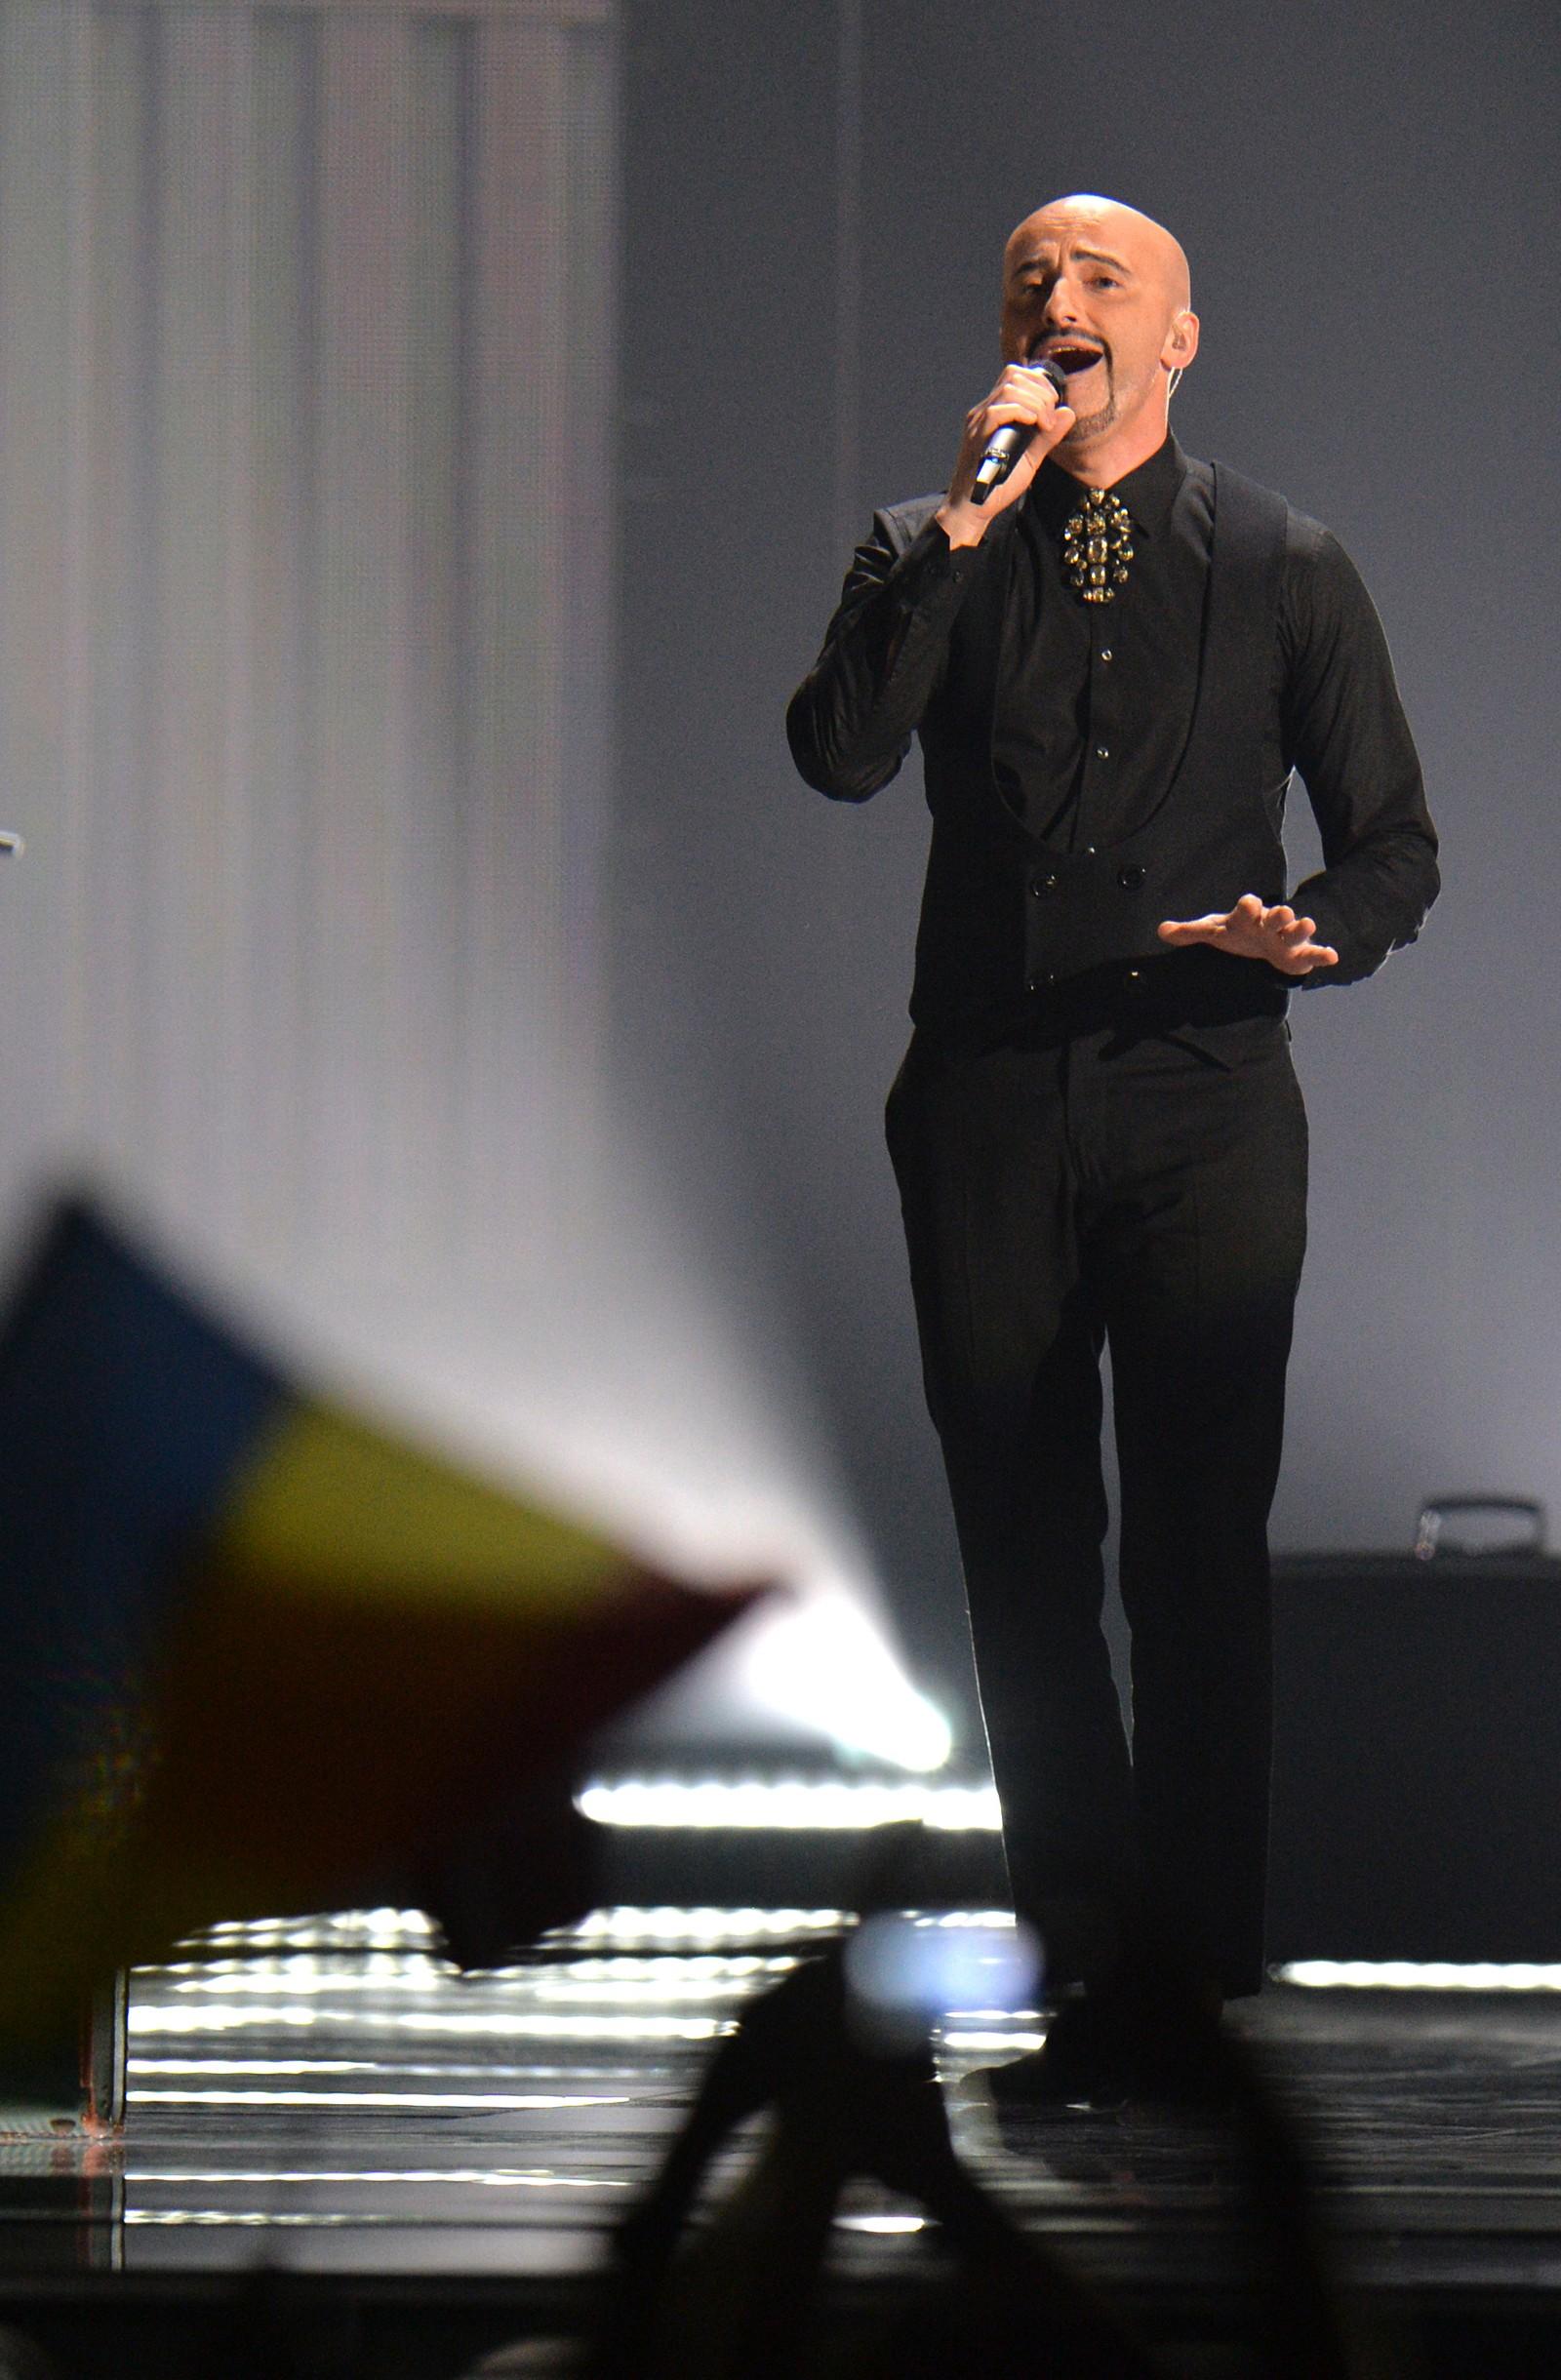 20. ROMANIA: Av tolv finalebidrag, var det til slutt bandet Voltaj med «De la capăt» som til slutt ble stemt fram som vinner av jury og folket i Romania. Bandet er meget populært i hjemlandet og har flere millioner fans.